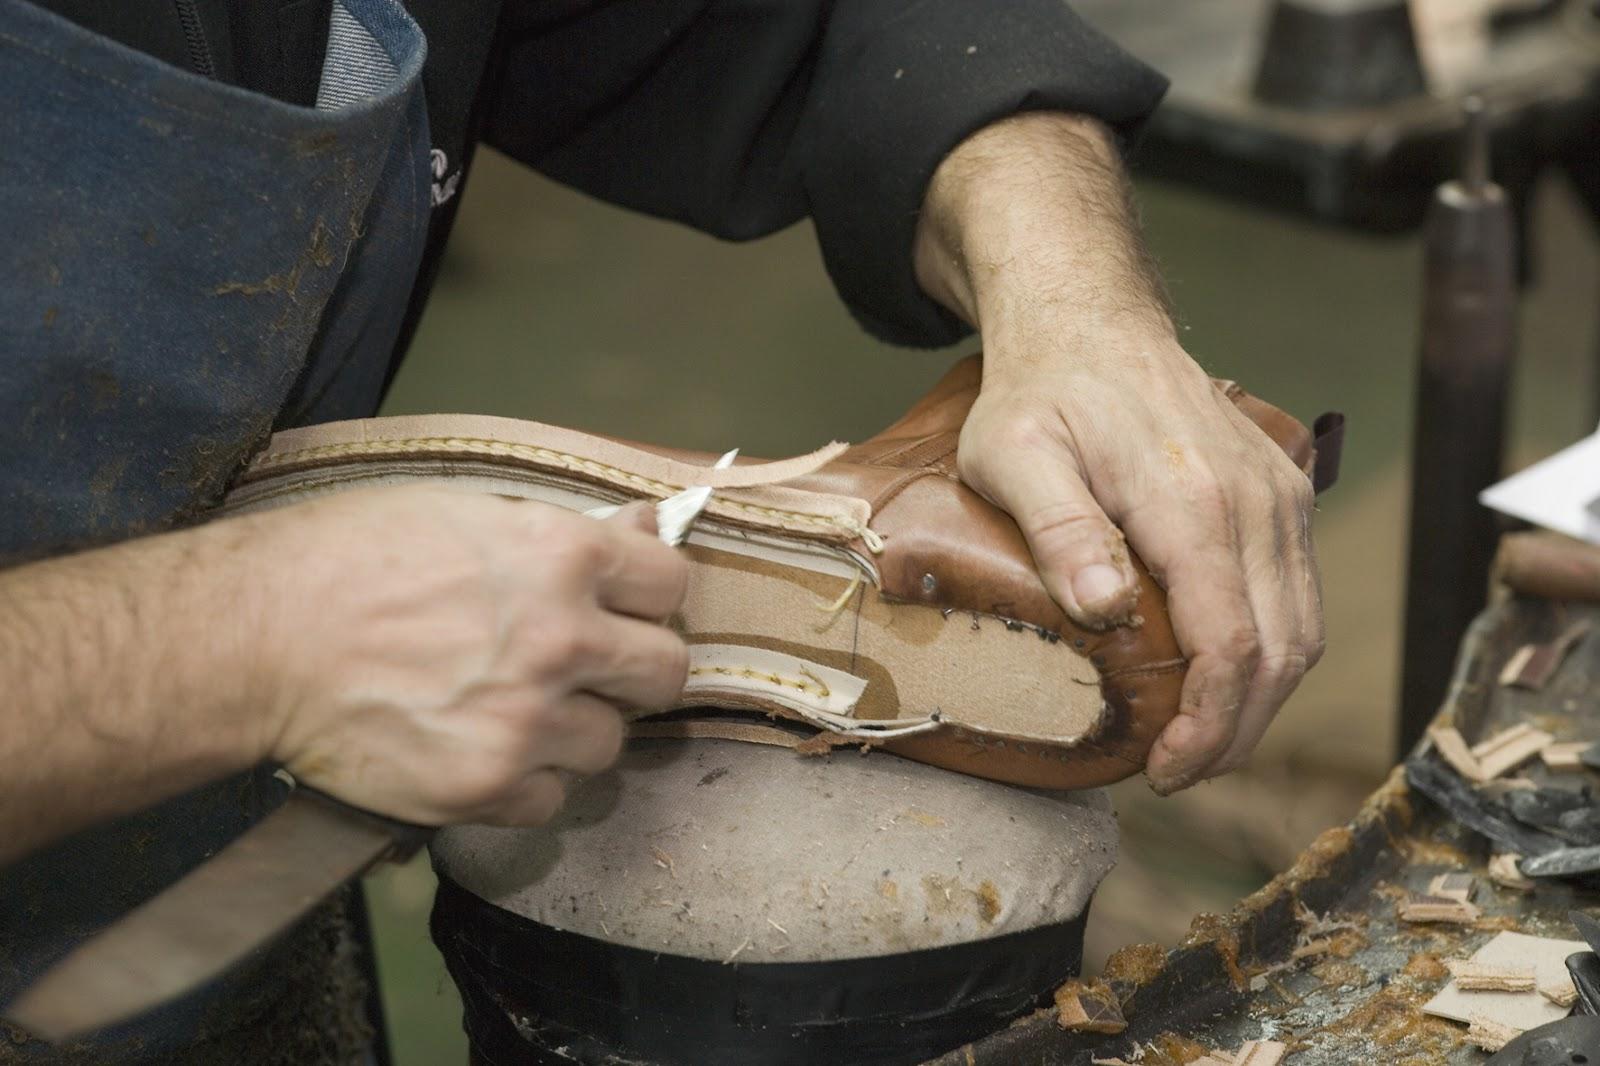 Qué es el sistema Goodyear en unas botas cowboy Tony Mora Boots?